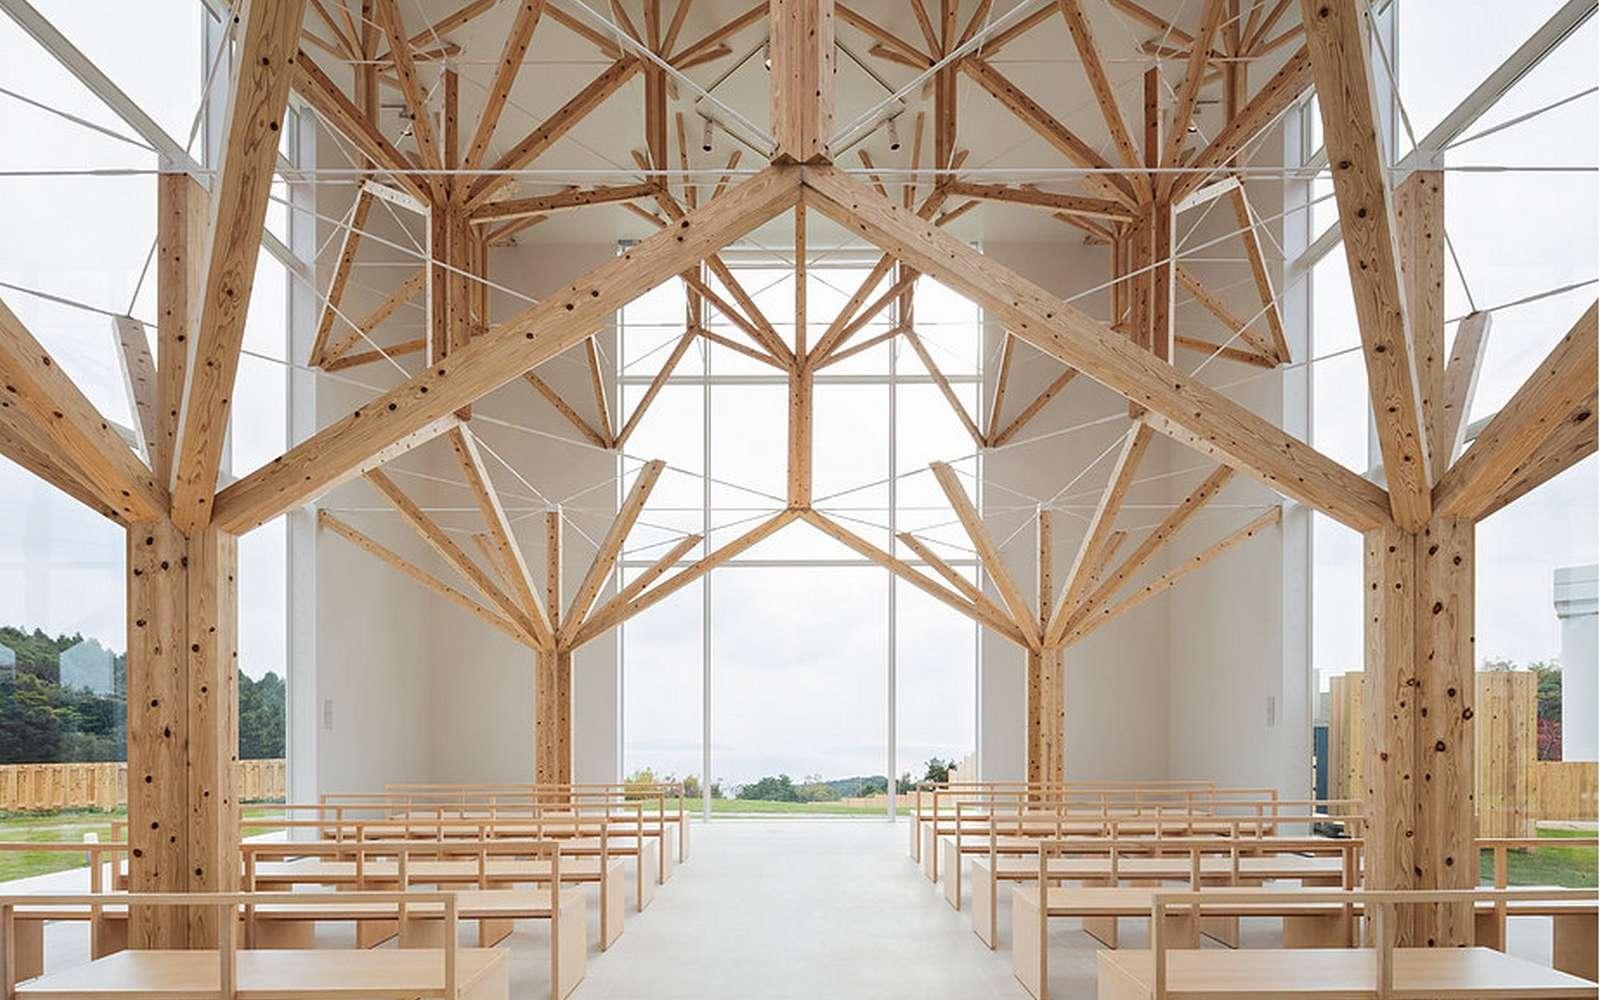 La structure en bois de la chapelle Agri évoque des fractales. © Yu Momoeda Architecture Office